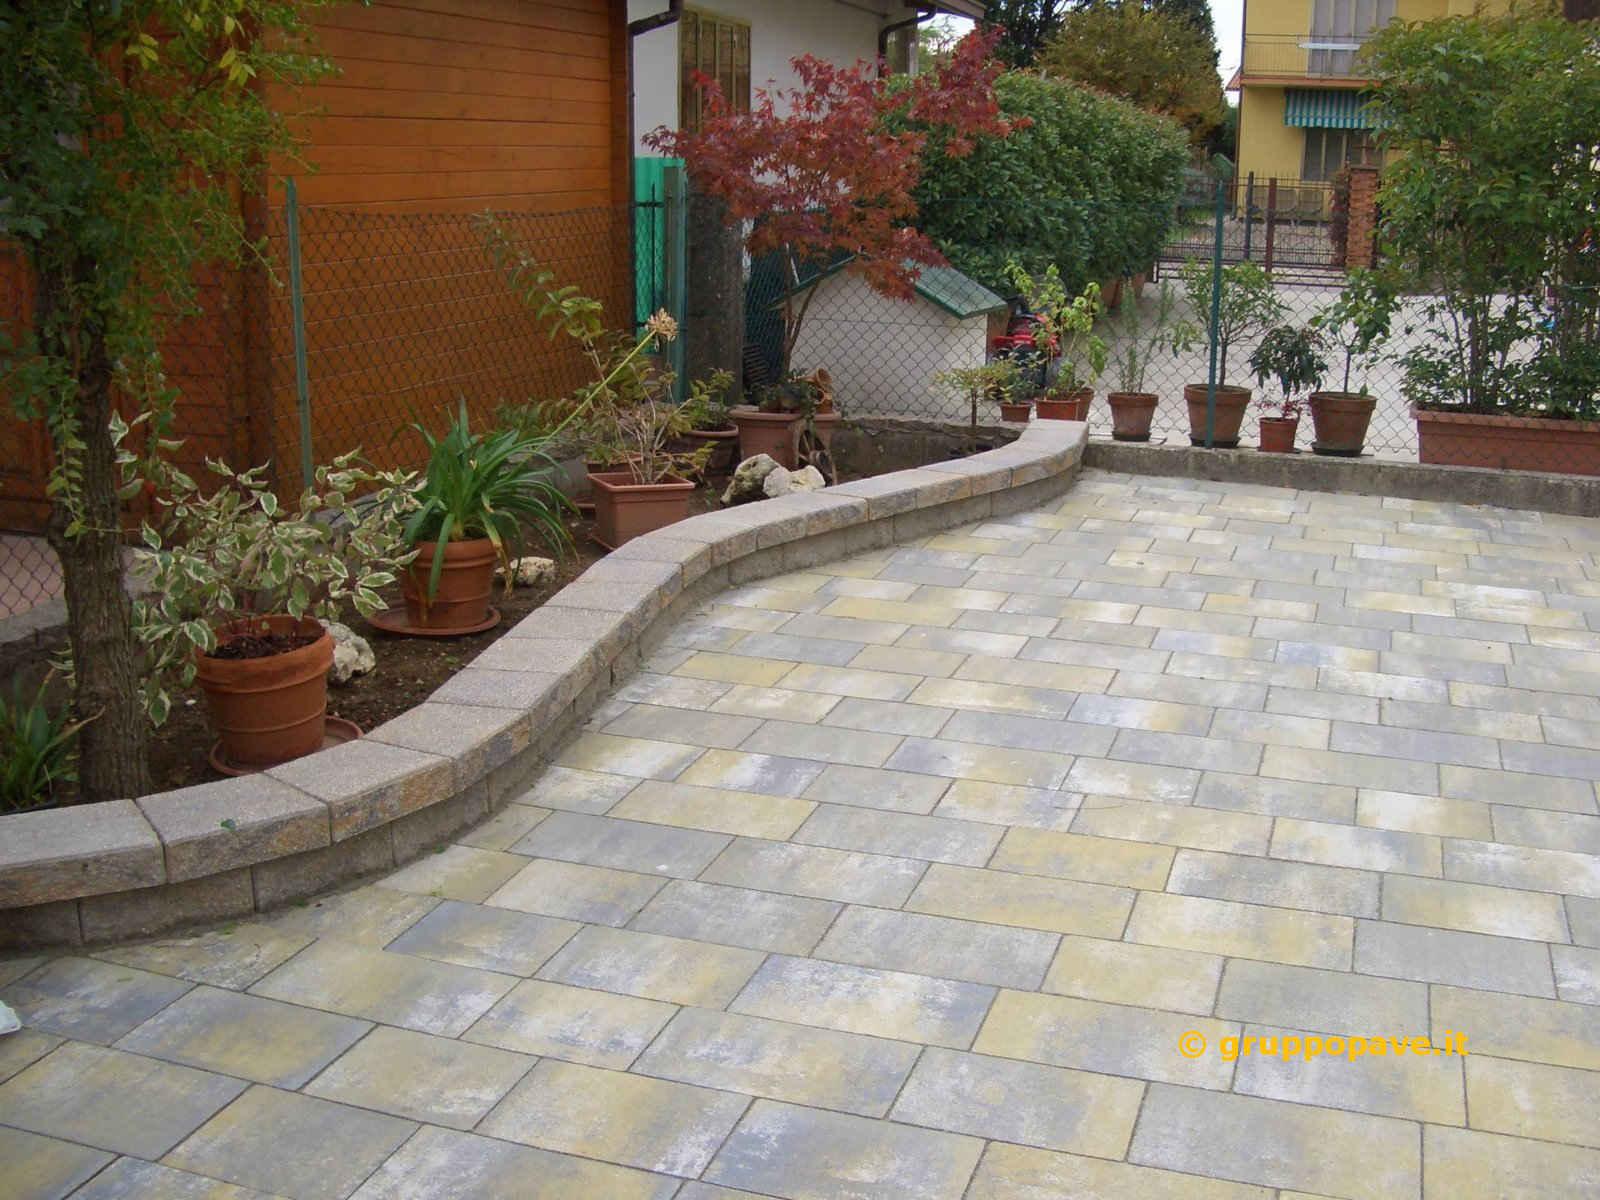 752 pave pavimentazioni - Muretti per giardino ...